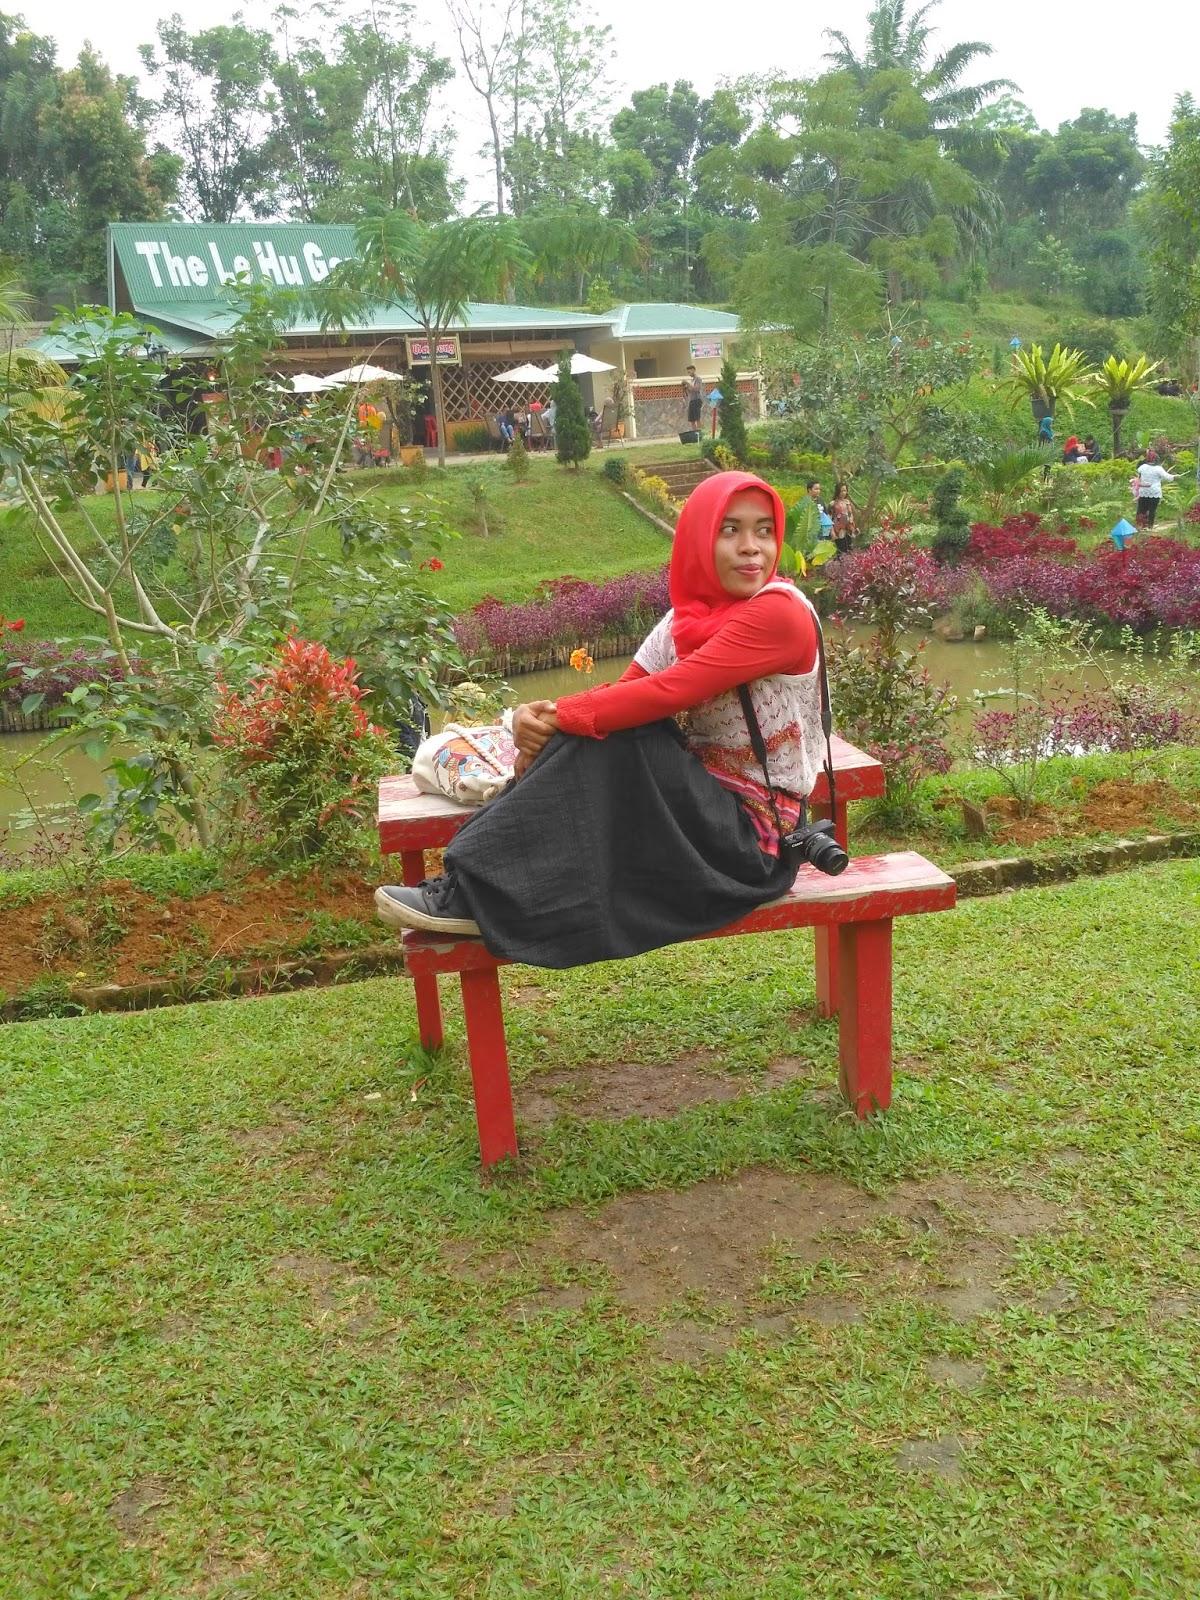 Le Hu Garden Wisata Foto Kekinian Pinggiran Kota Medan Taman